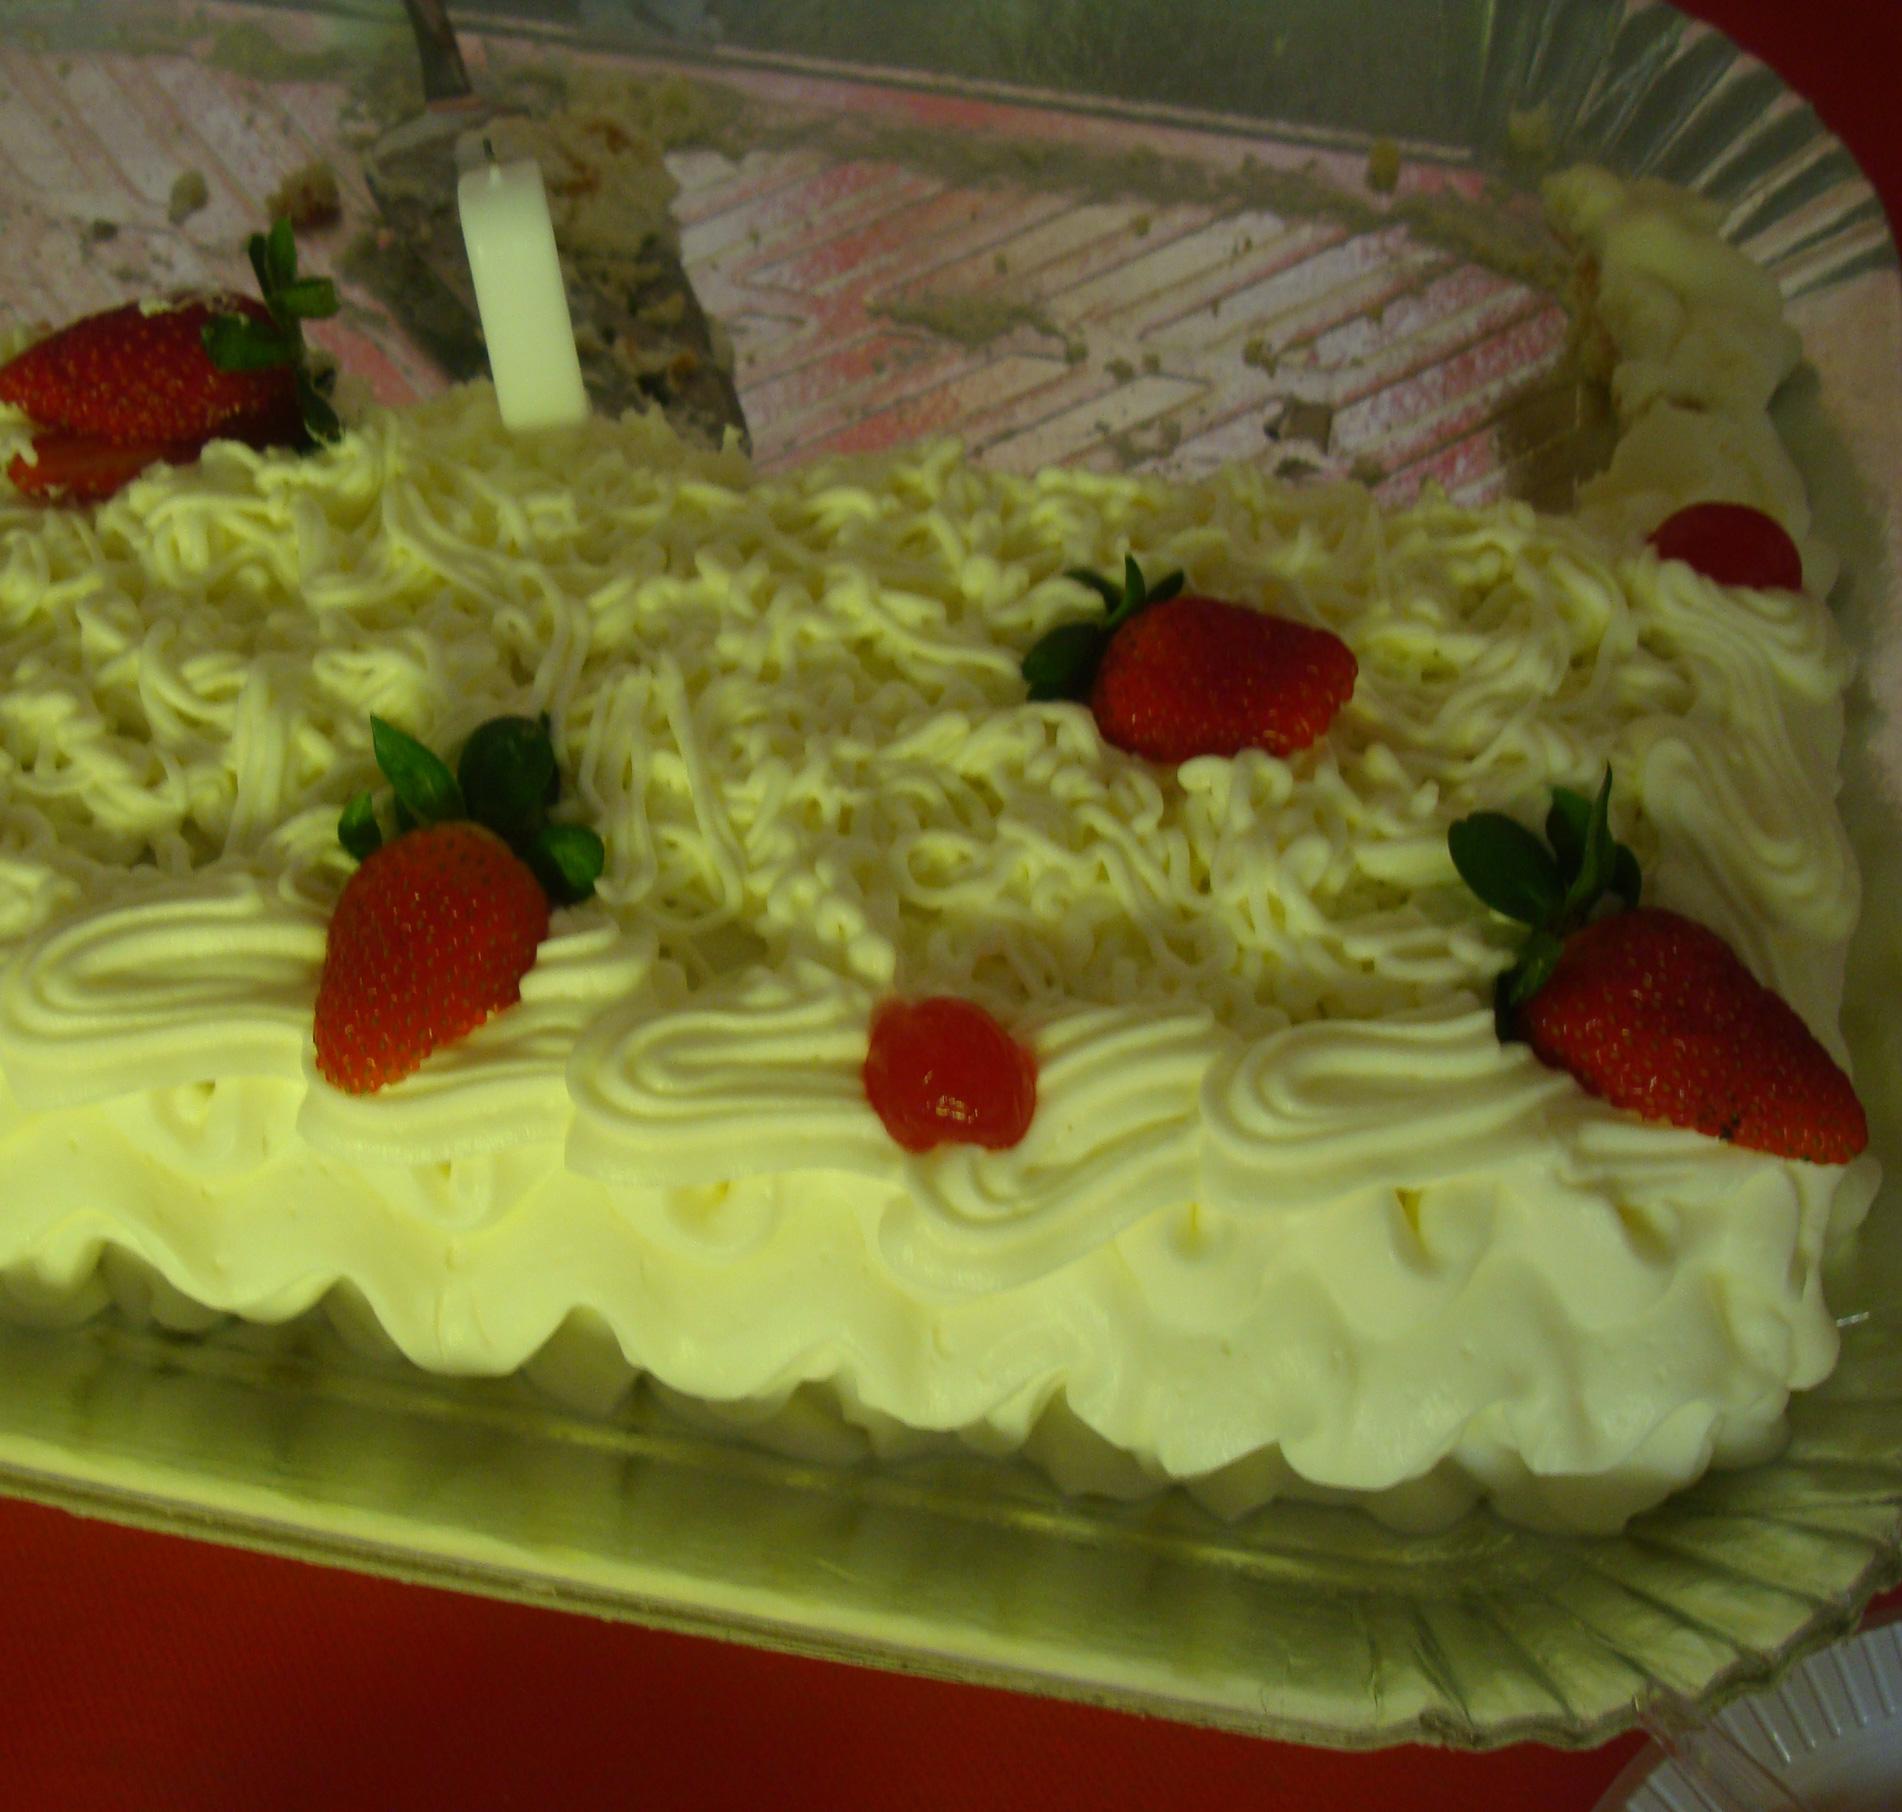 大きなショートケーキー家族の誕生日会より